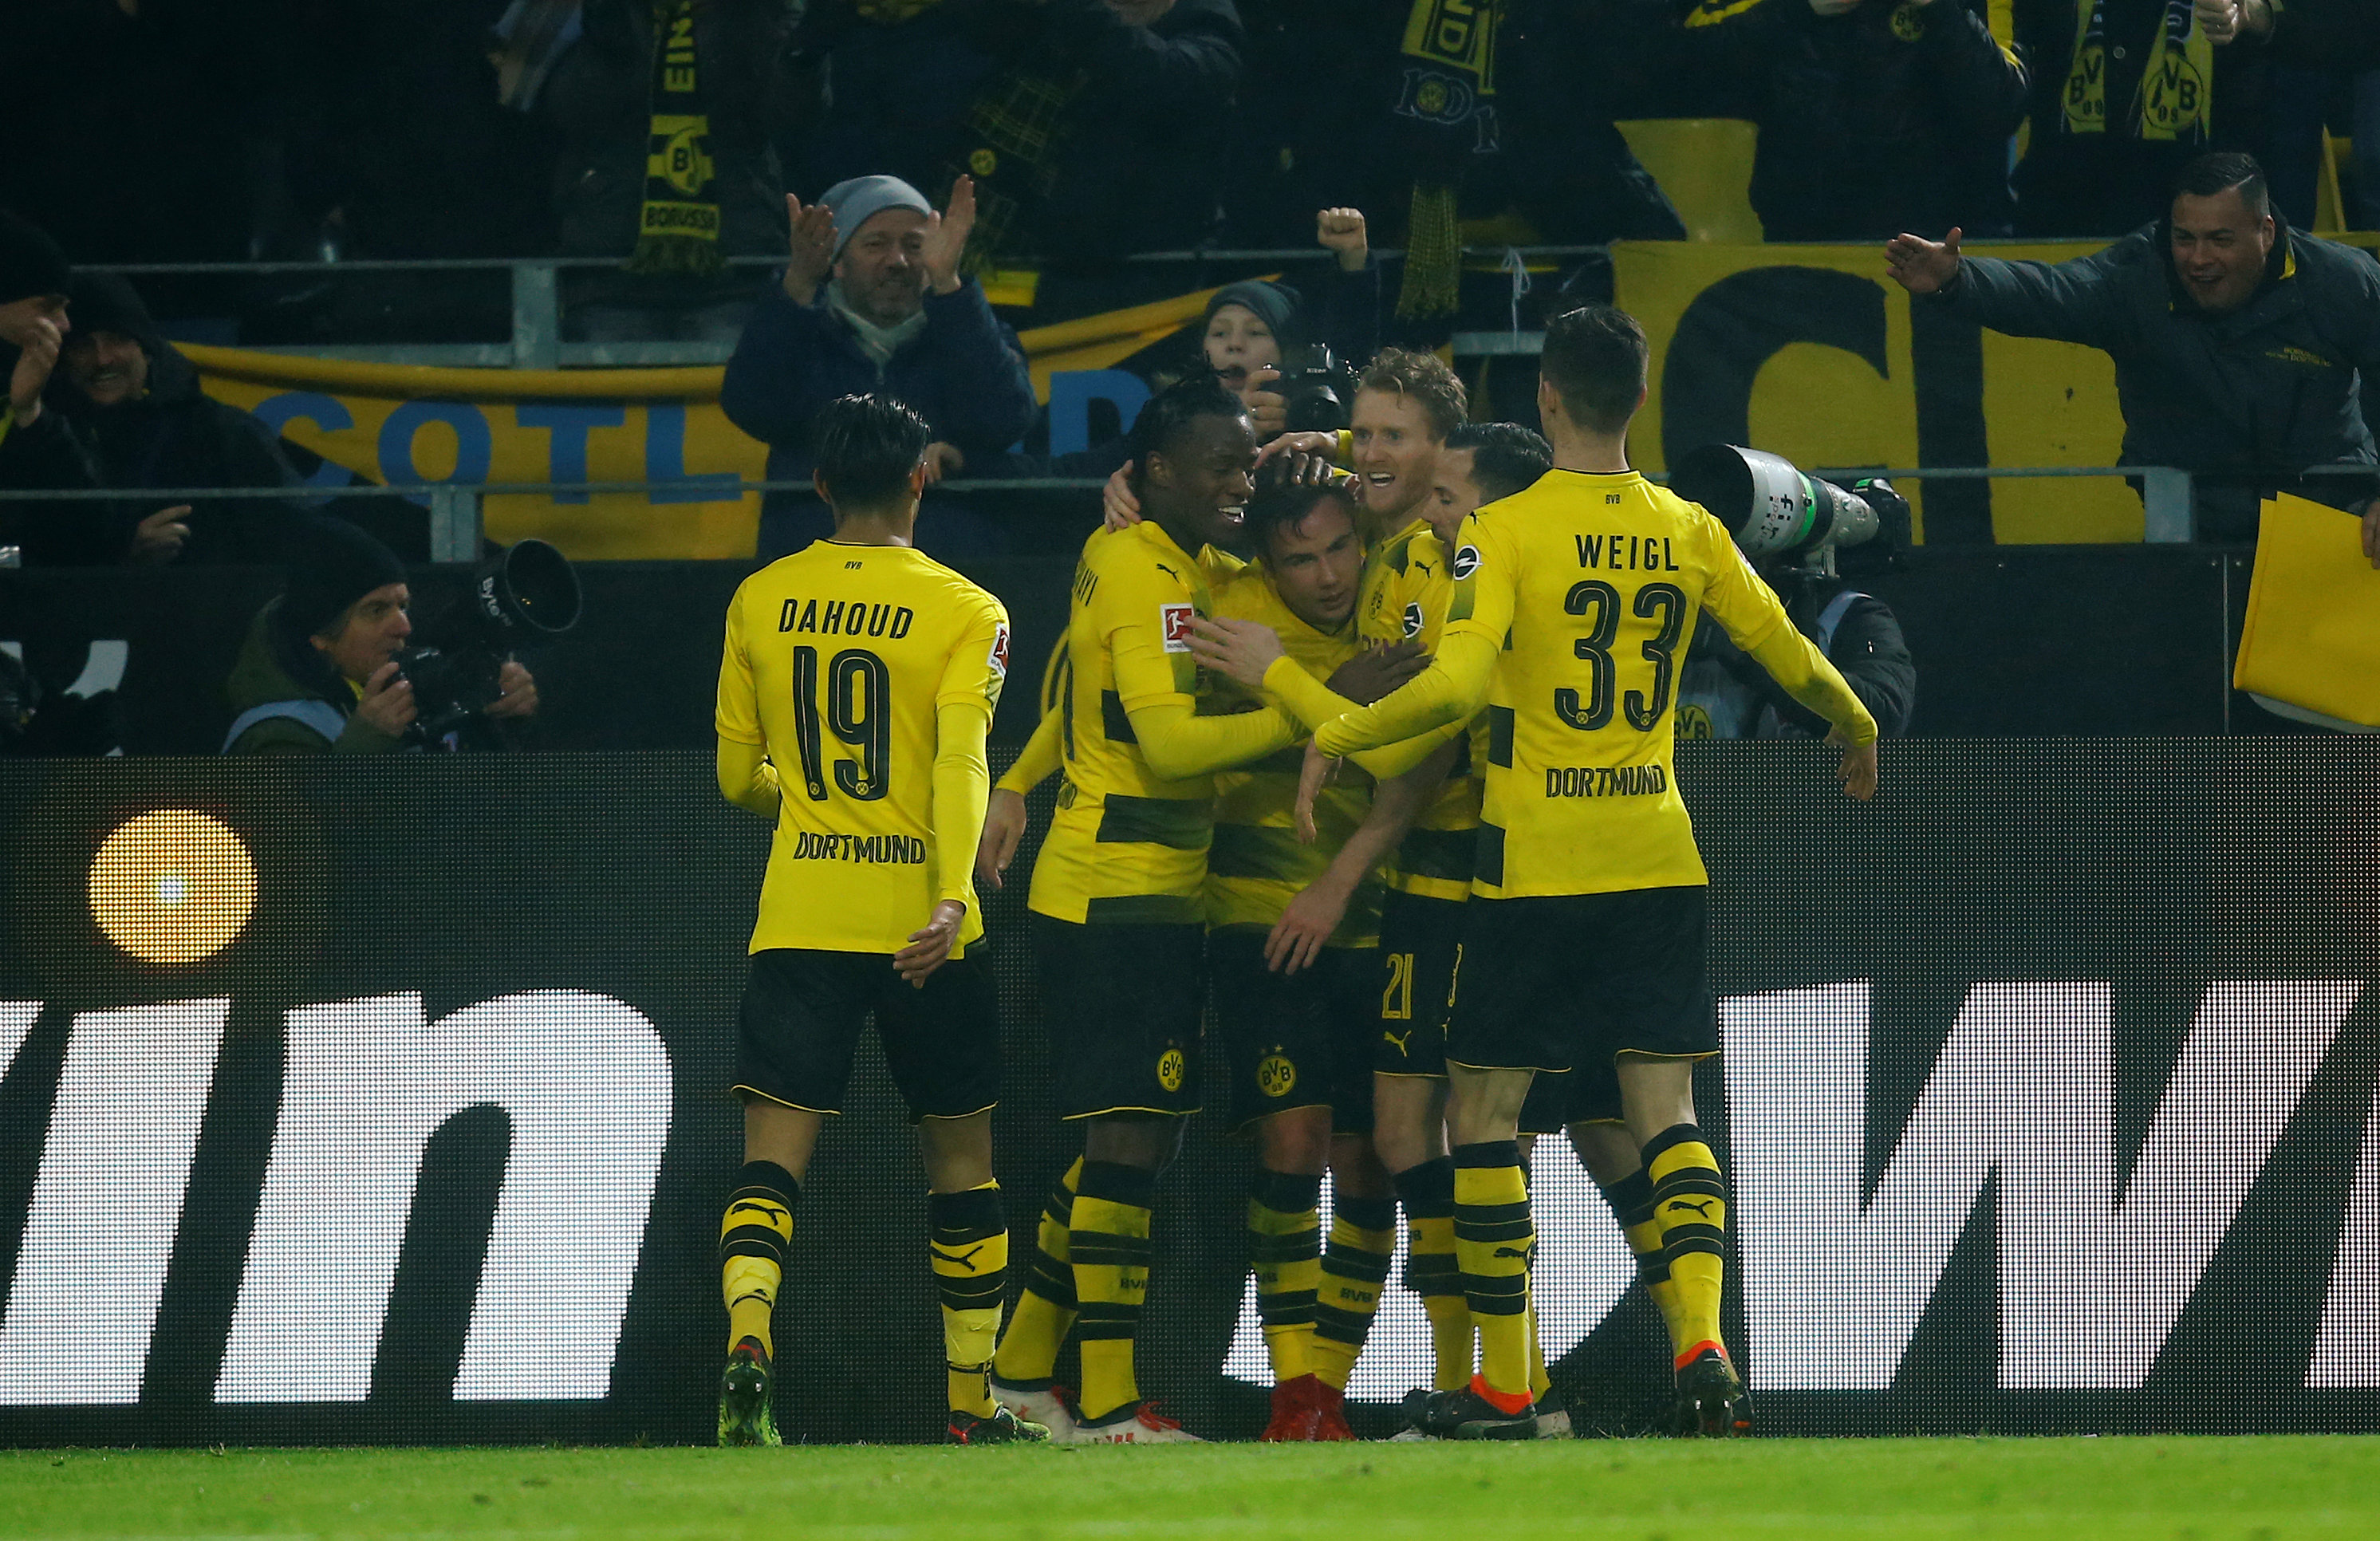 Niềm vui của các cầu thủ Dortmund sau khi Goetze nâng tỉ số lên 2-0. Ảnh: REUTERS